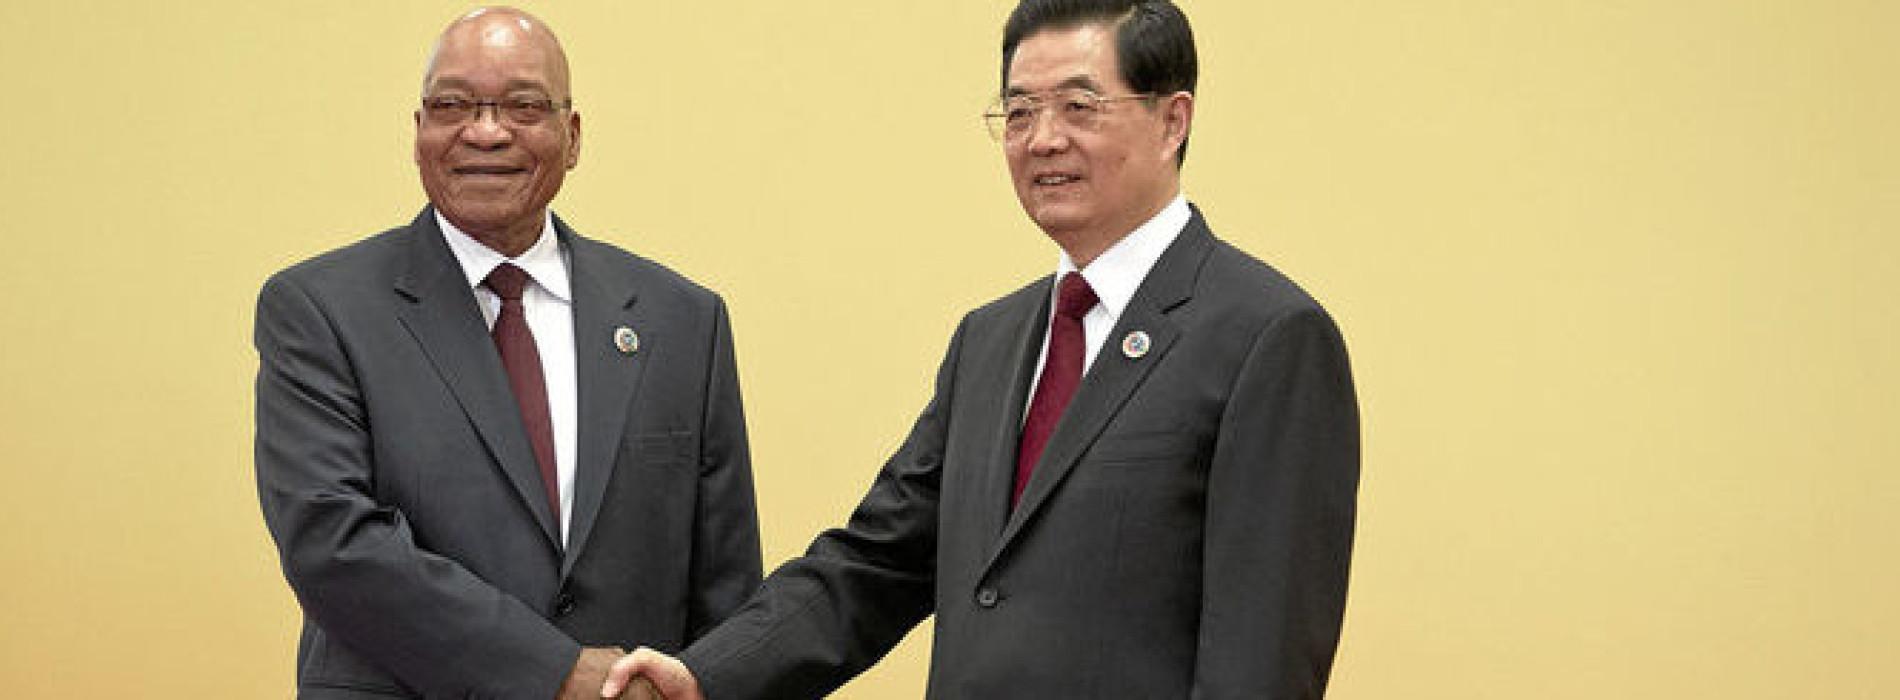 Sud Africa – Dal prossimo anno si potrà studiare il cinese nelle scuole pubbliche.